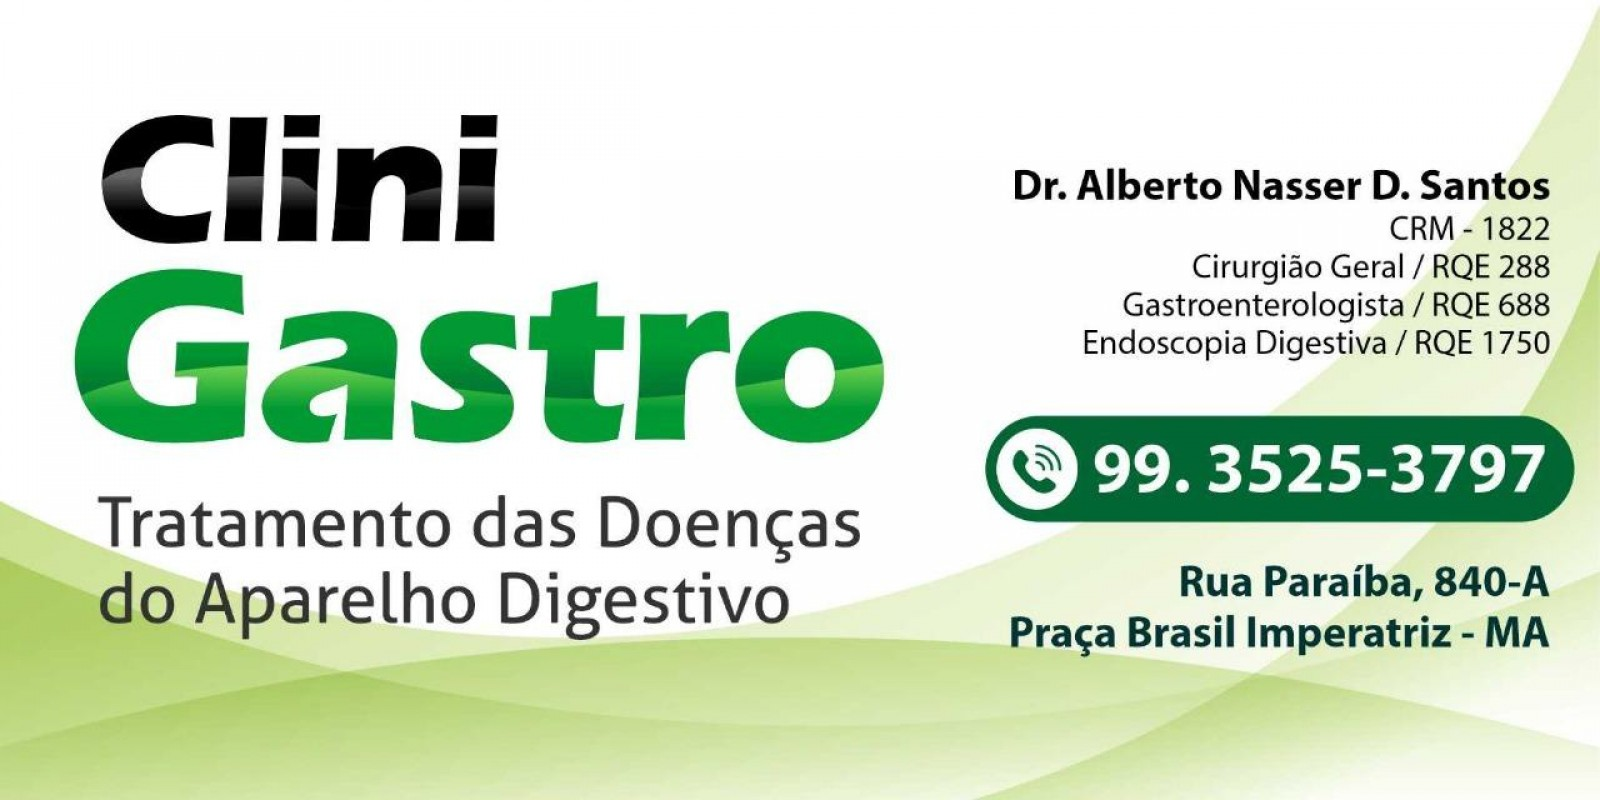 Clini Gastro - Tratamento das Doenças do Aparelho Digestivo